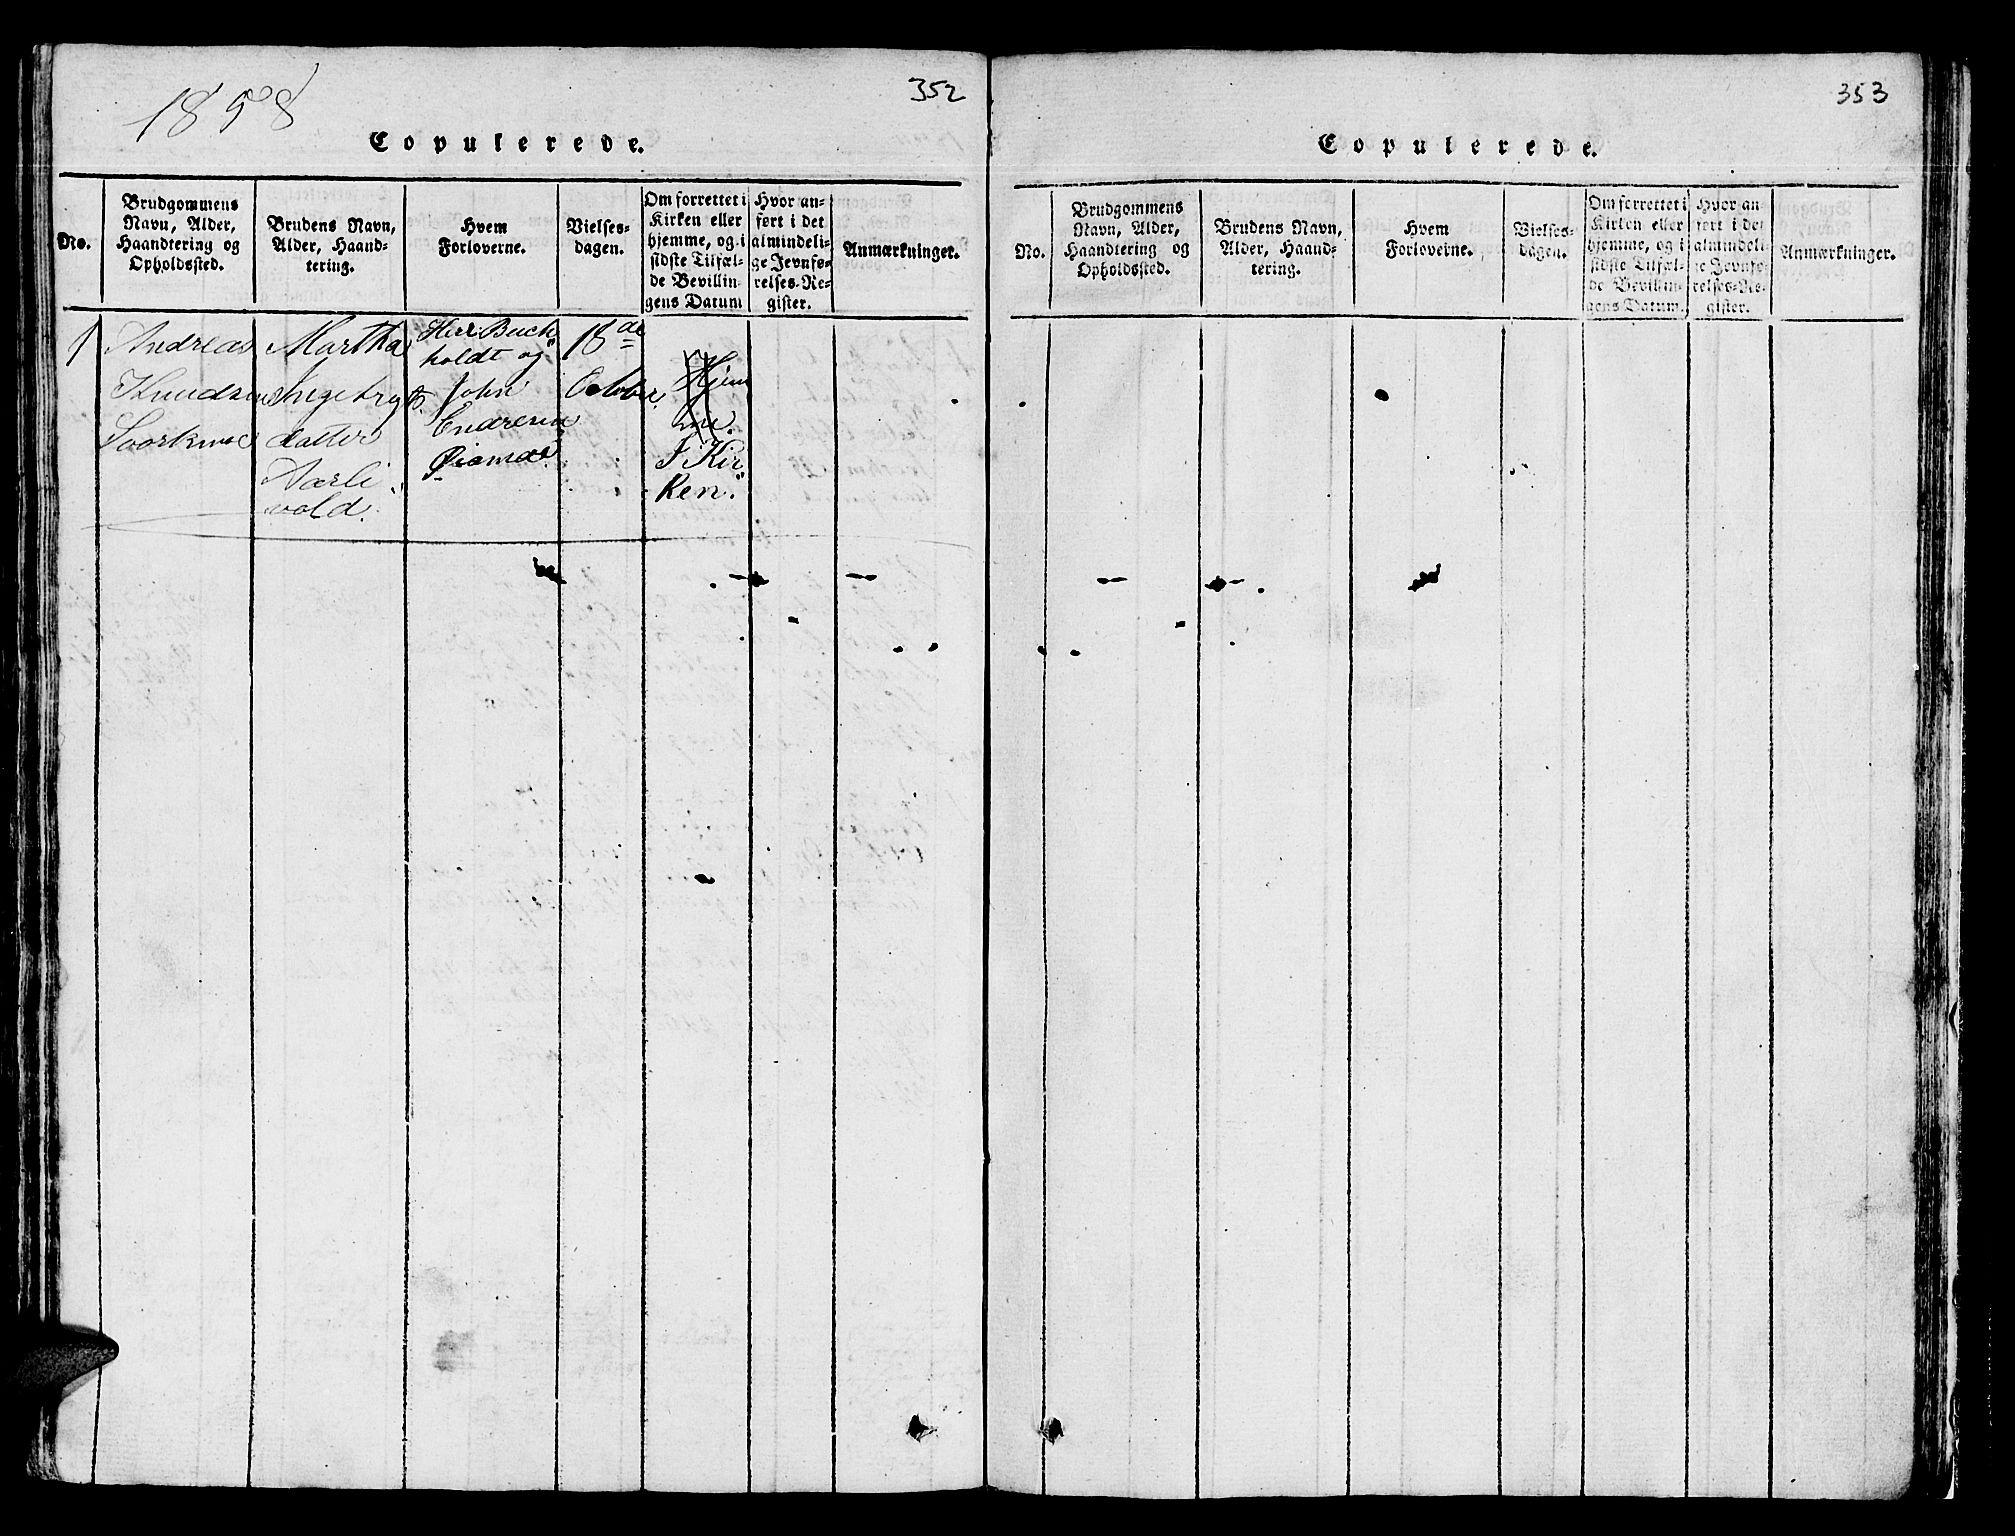 SAT, Ministerialprotokoller, klokkerbøker og fødselsregistre - Sør-Trøndelag, 671/L0842: Klokkerbok nr. 671C01, 1816-1867, s. 352-353